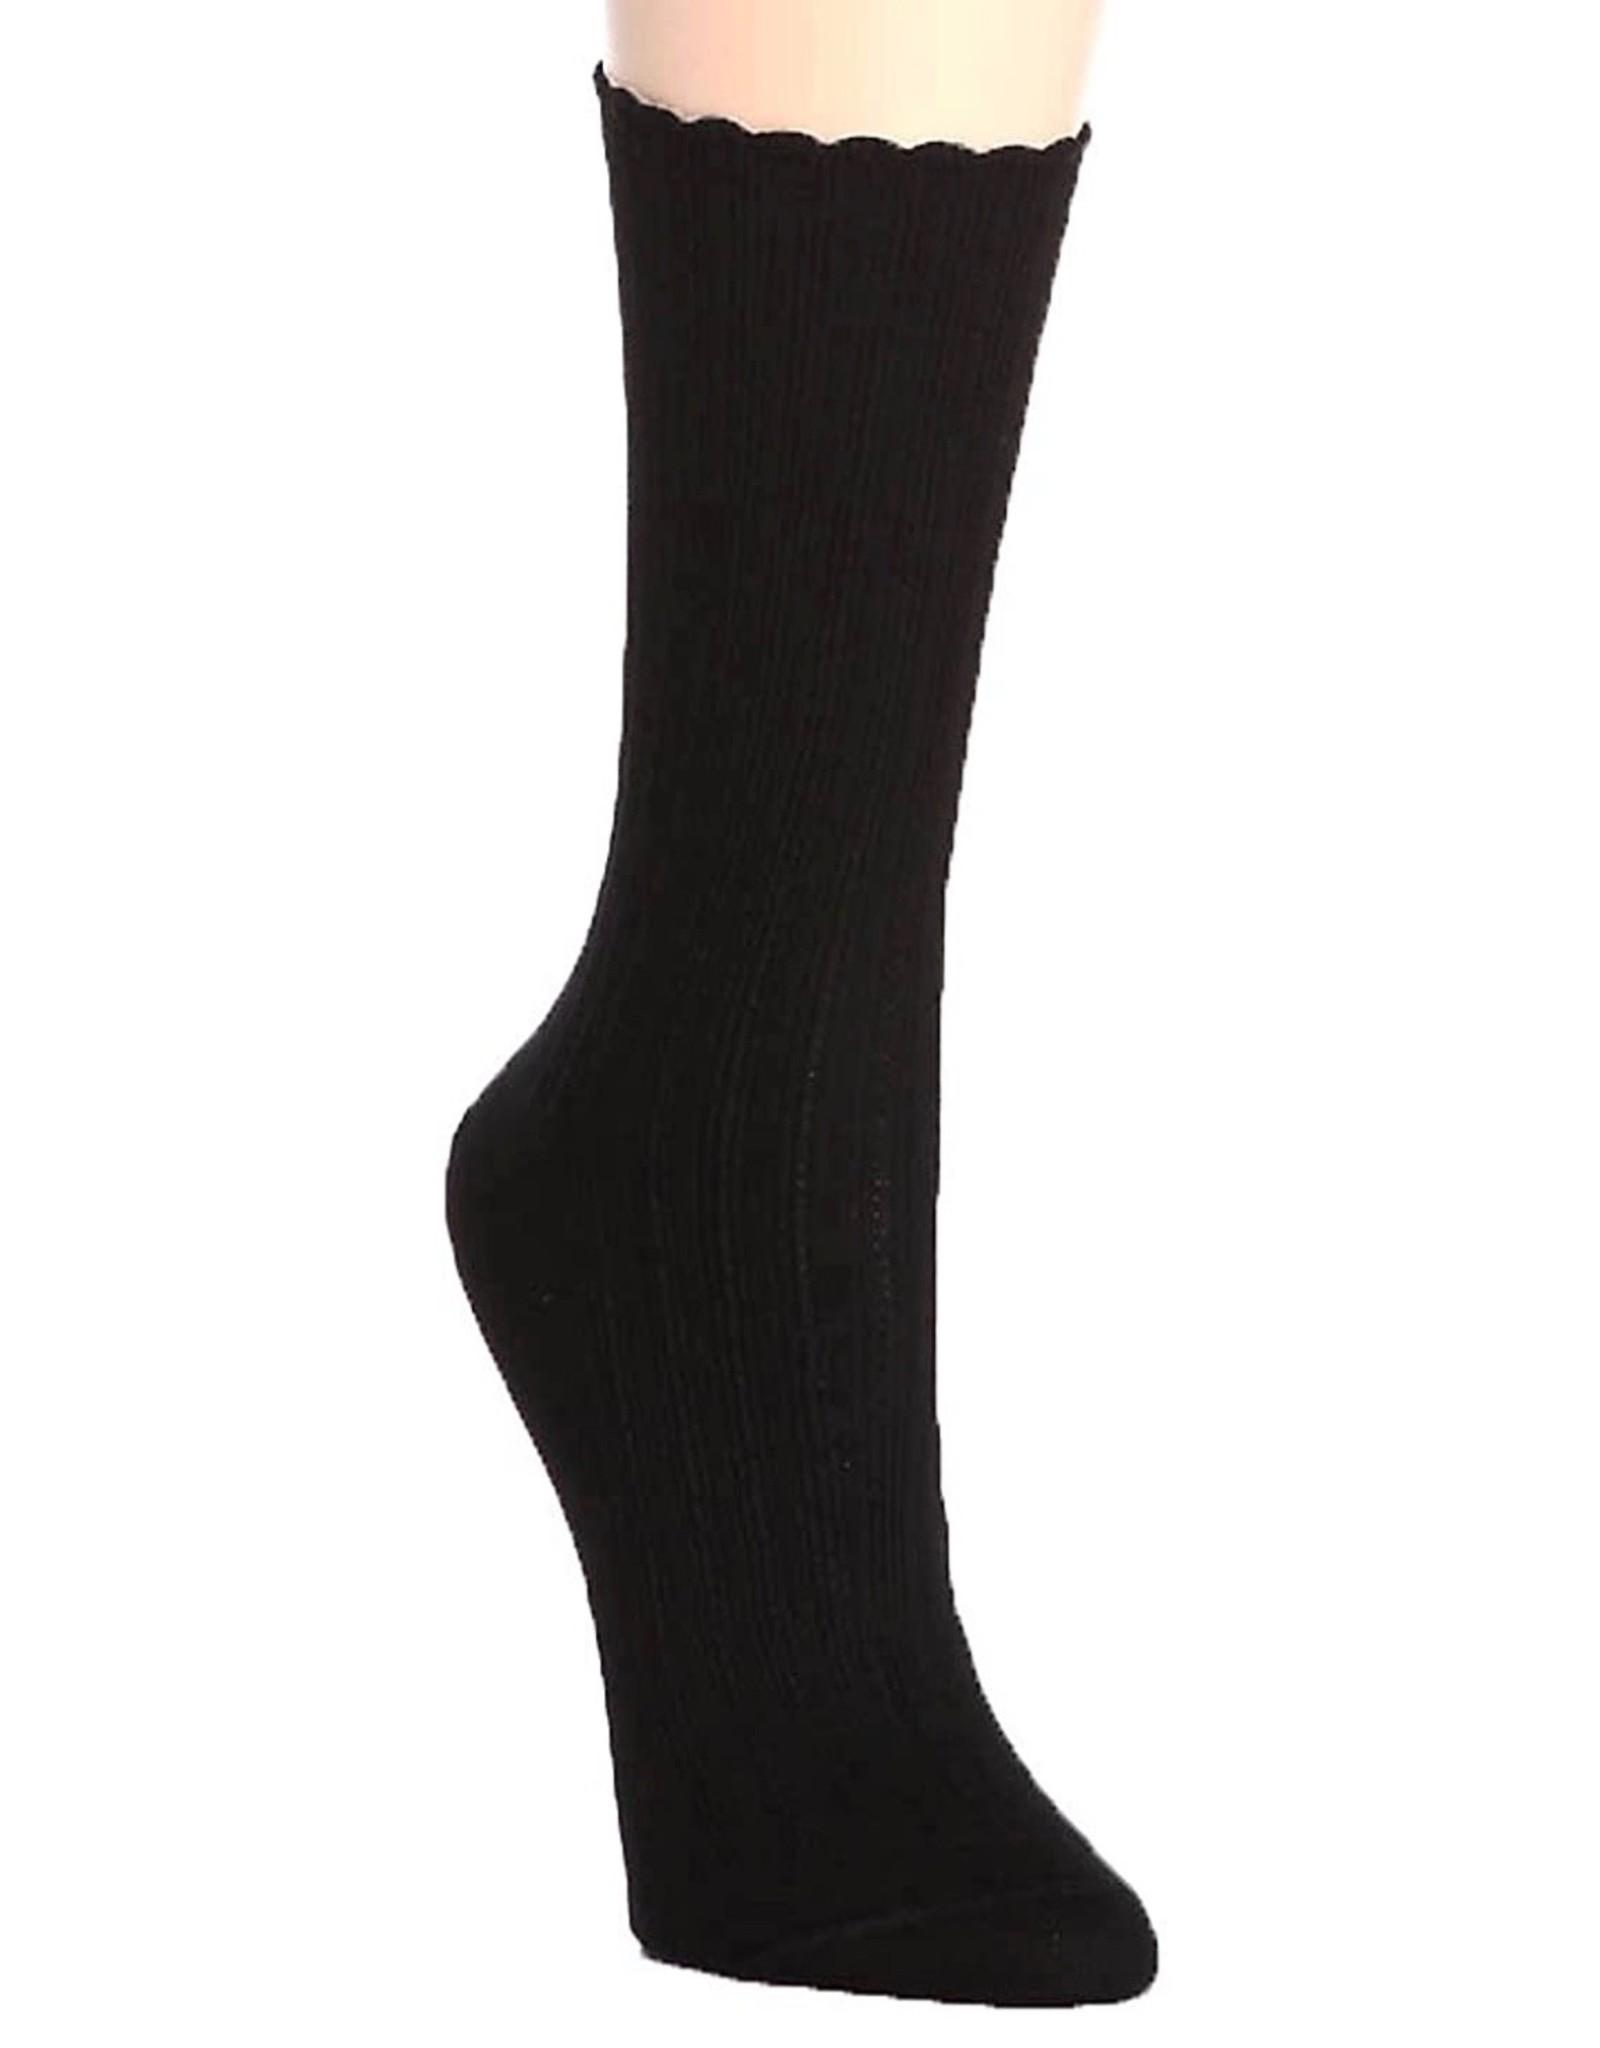 Hue Hue Women's Scalloped Pointelle Socks U2440